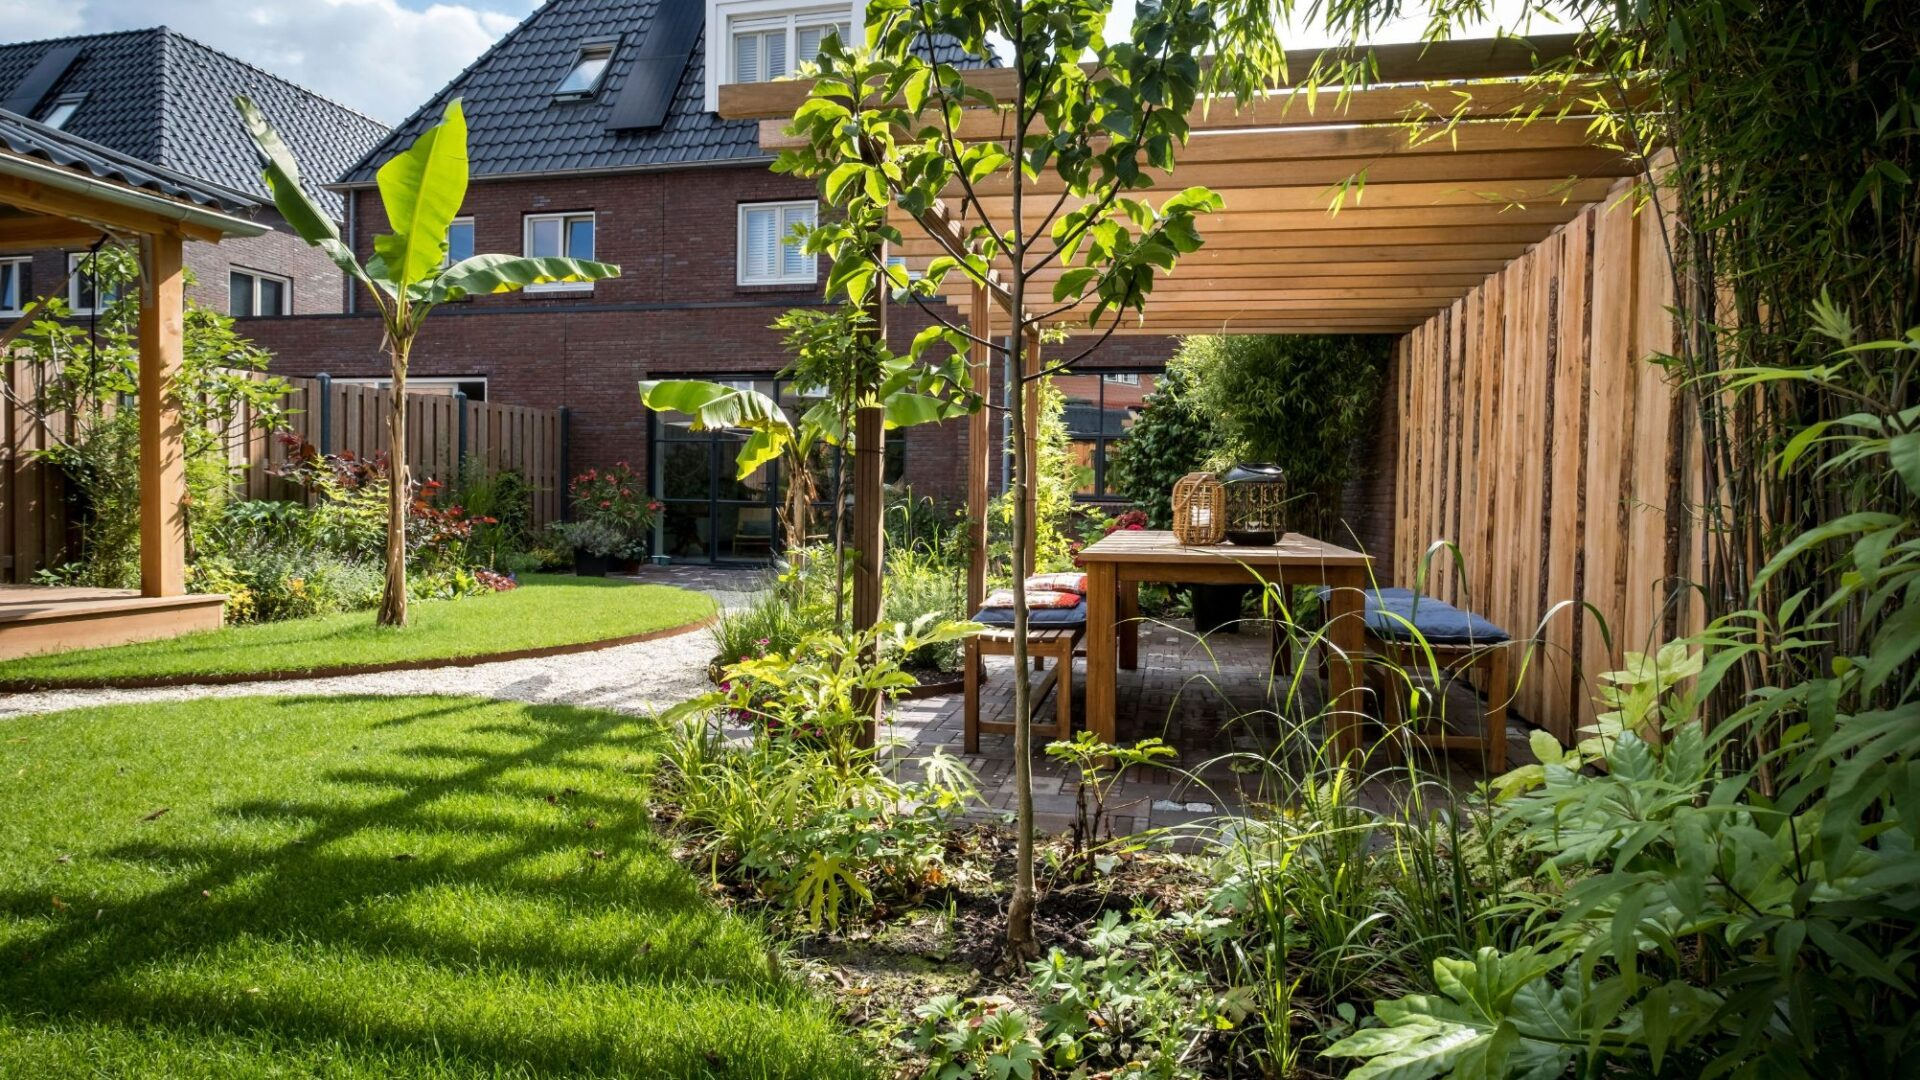 Tuinontwerp en tuinaanleg originele achtertuin met zithoek